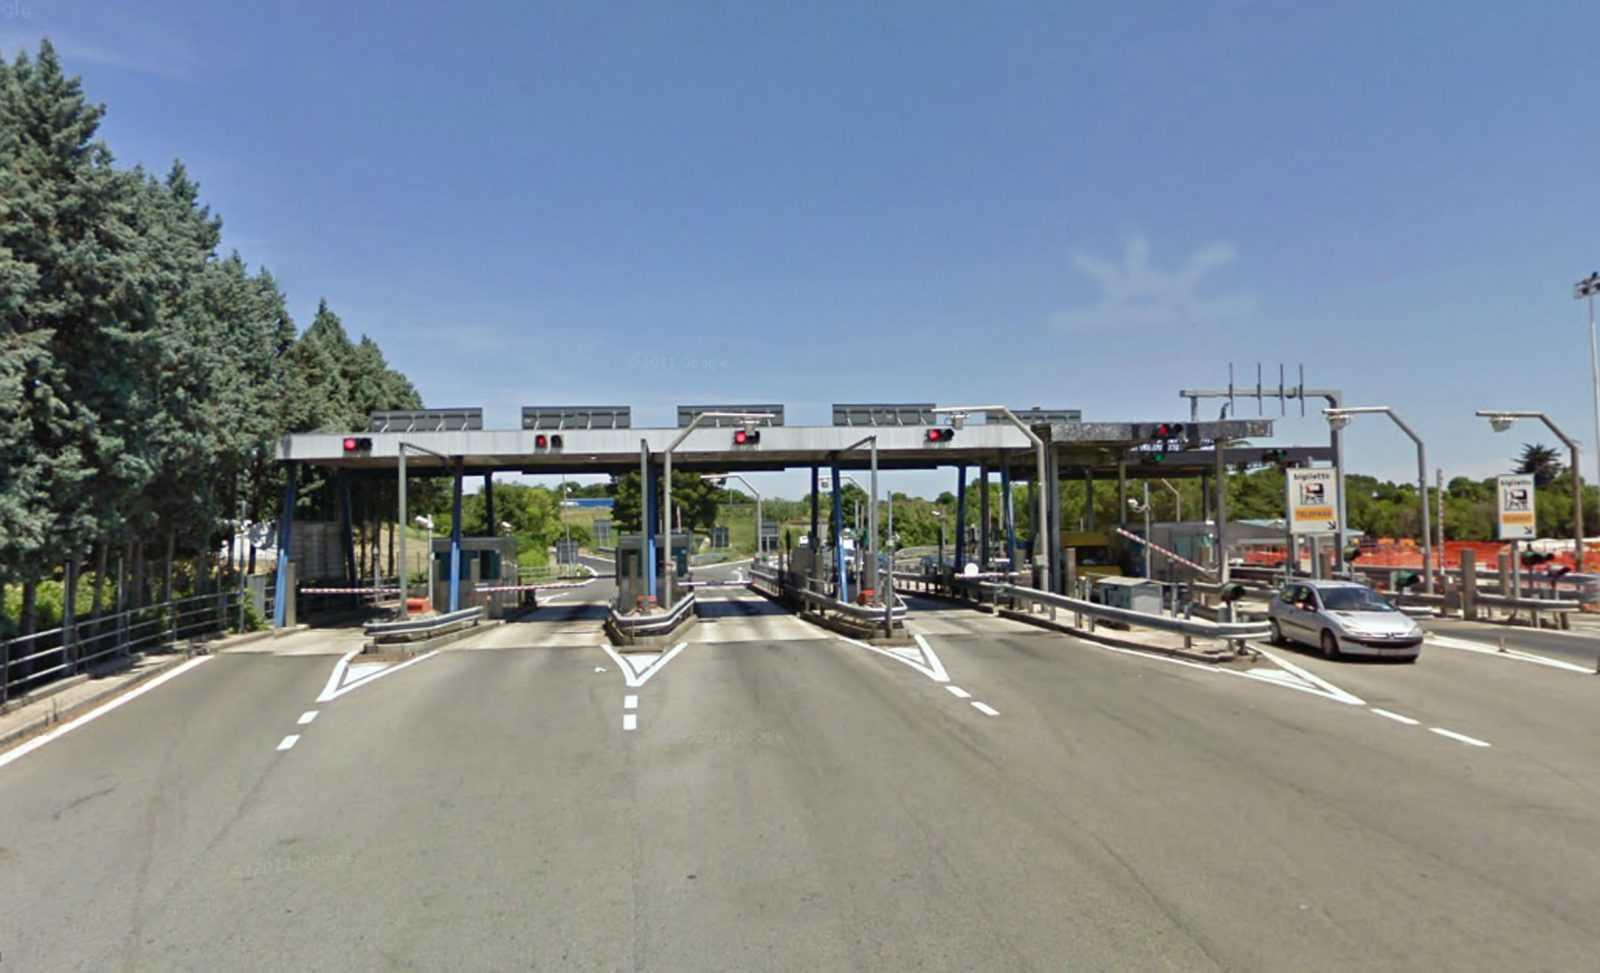 A/14, chiusa la stazione di Mosciano in direzione Ancona nelle notti da martedì a giovedì